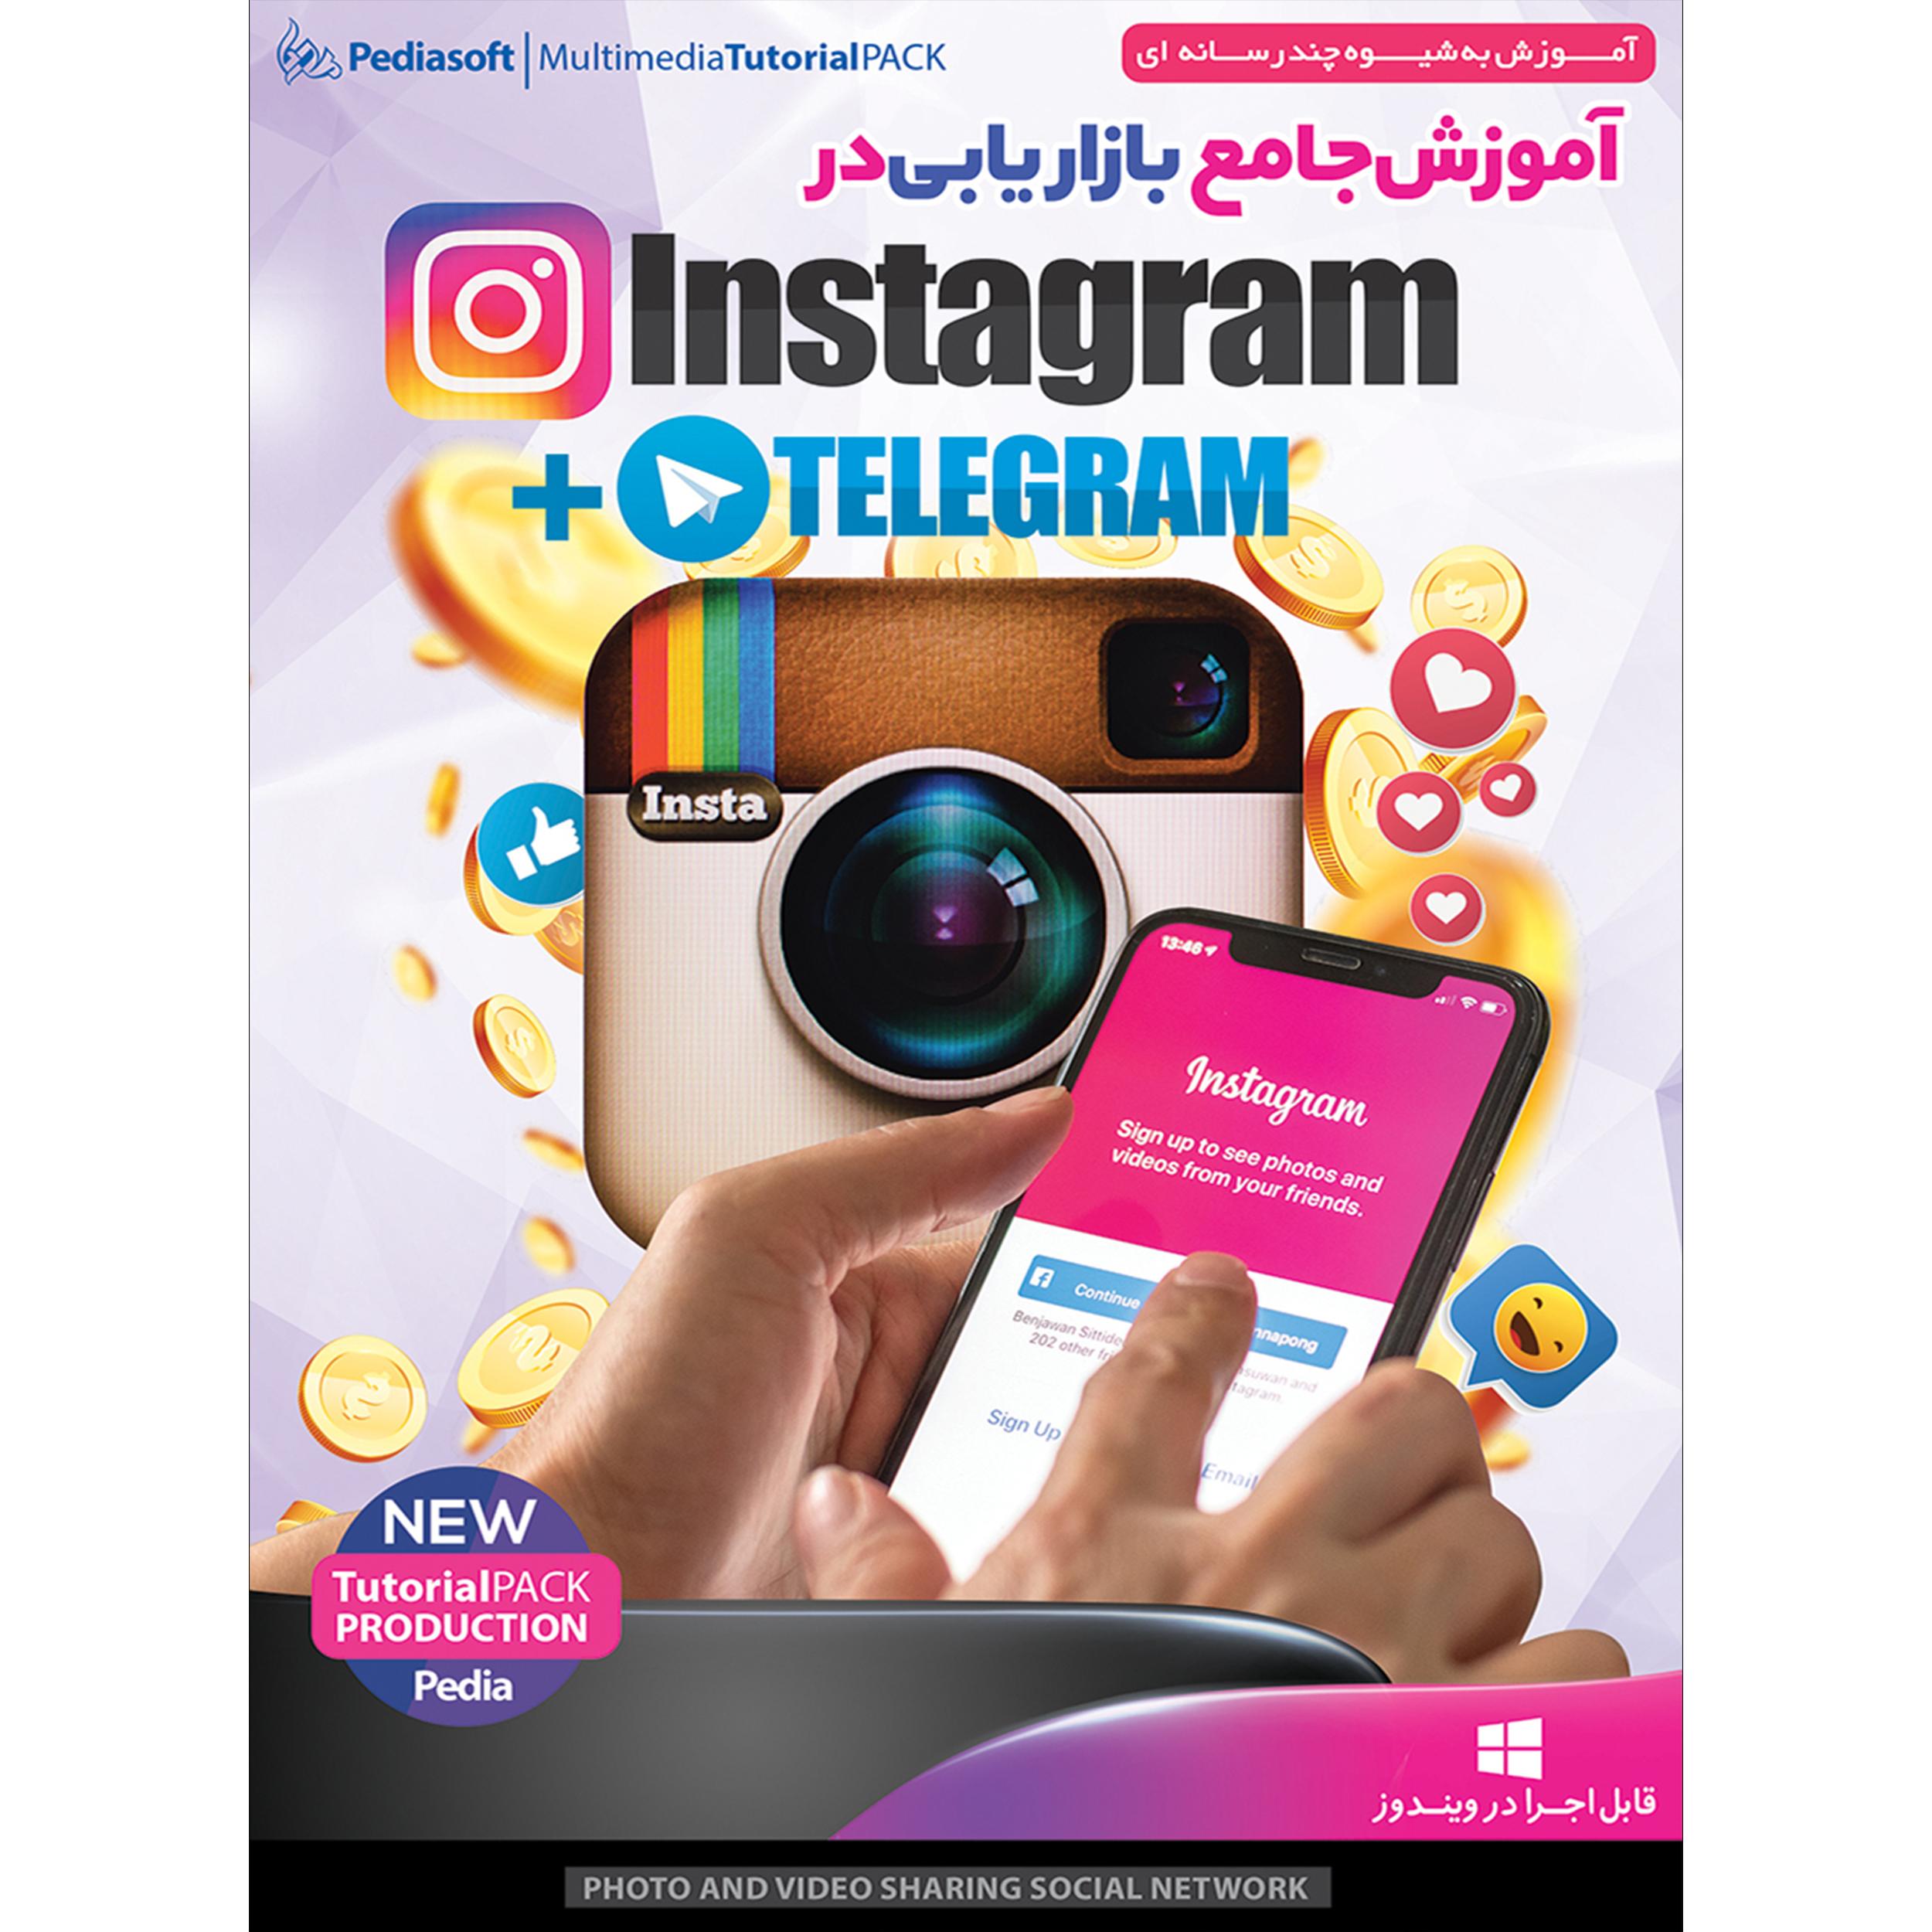 نرم افزار آموزش بورس جهانی فارکس به همراه تکنیکال بورس نشر پدیا سافت به همراه نرم افزار آموزش جامع بازاریابی در TELEGRAM + Instagram نشر پدیا سافت